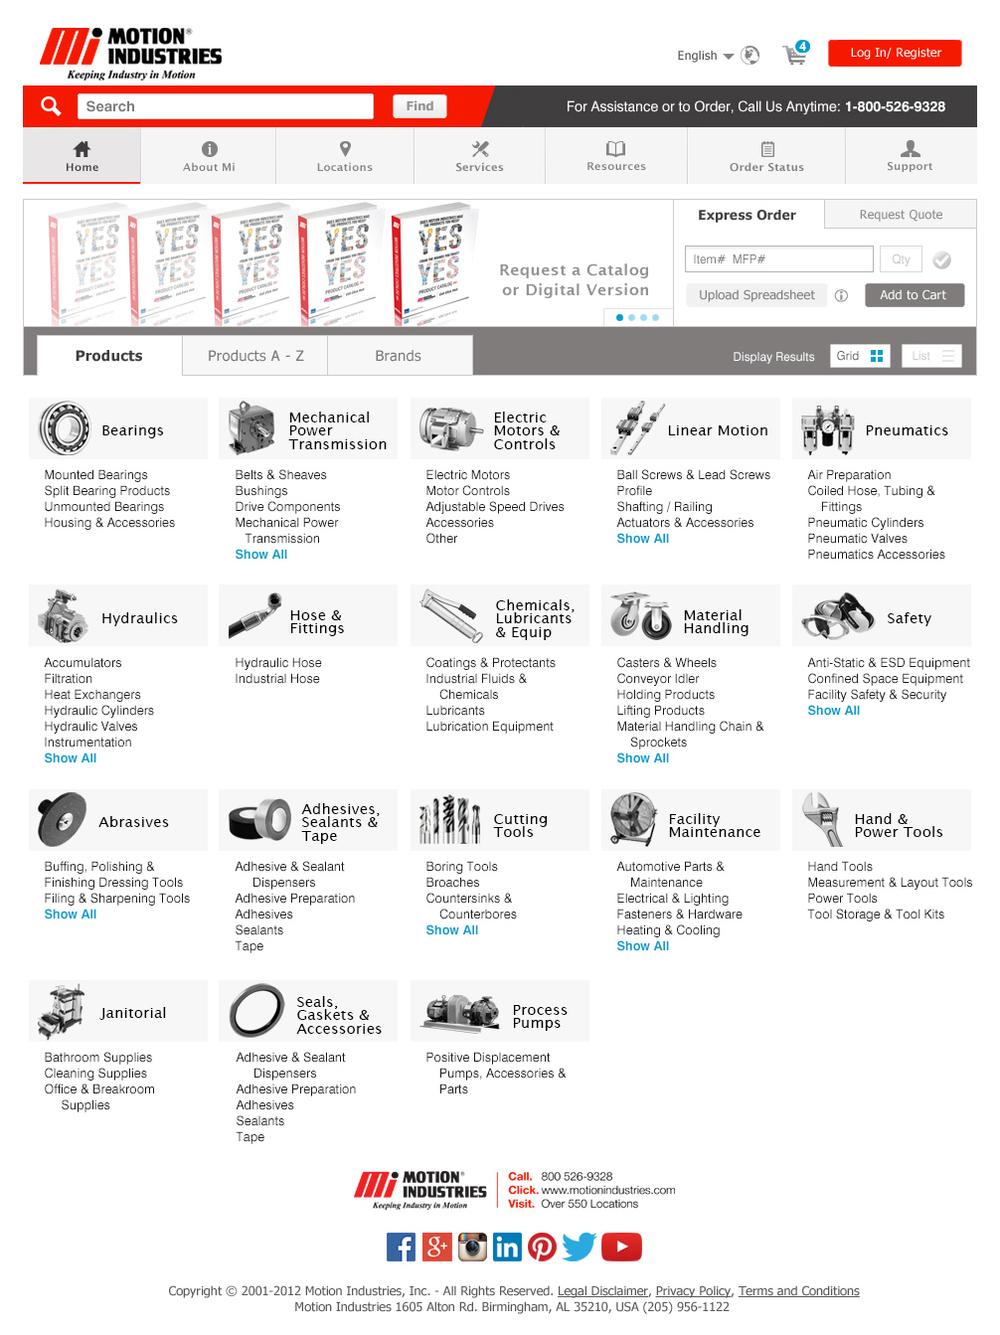 Interface_Homepage.jpg